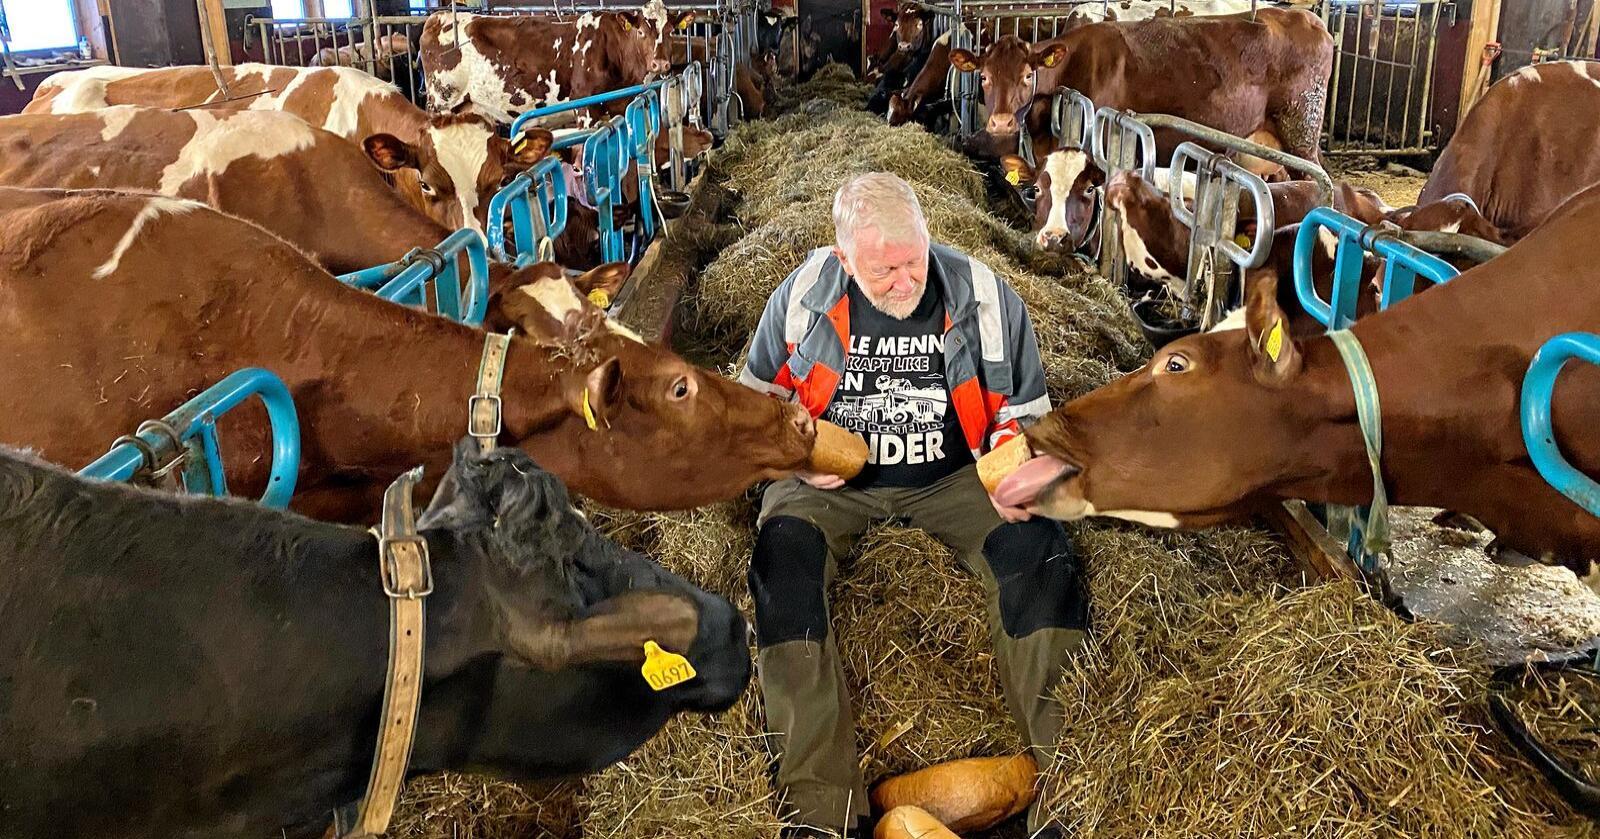 Venteliste: Jens-Olav Løvlid (bildet), Heidi Elvebo og Kai Egil Olseng prøvde alle å kontakte Landbruksdirektoratet like etter klokka 12 torsdag 2. januar, fordi de ikke fikk linken til å fungere. Alle havnet på venteliste. (Foto: Privat)